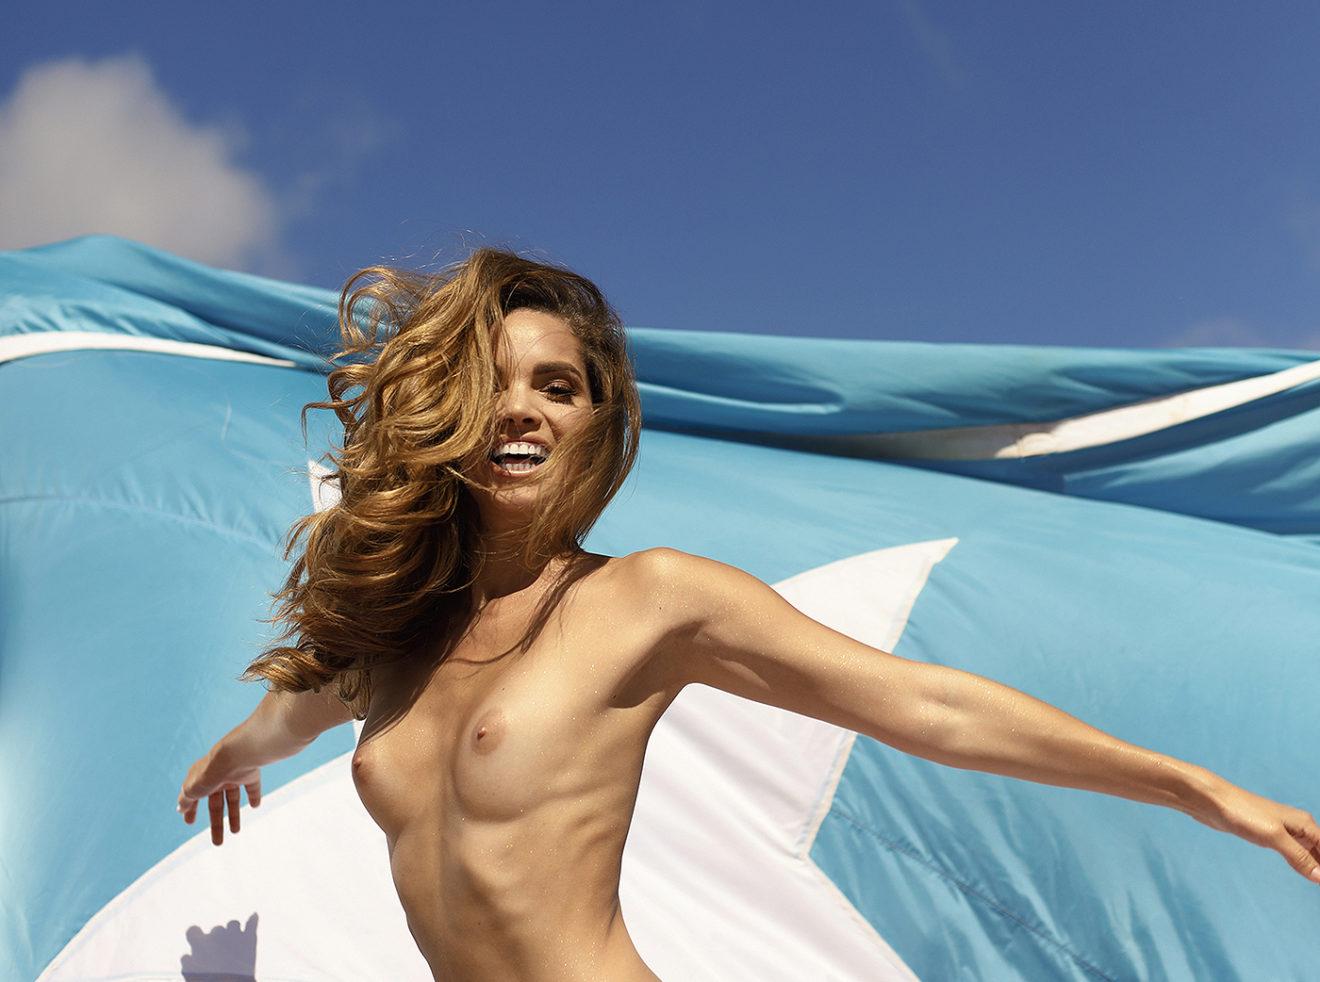 Yoli Lara nude by Ana Dias for Playboy